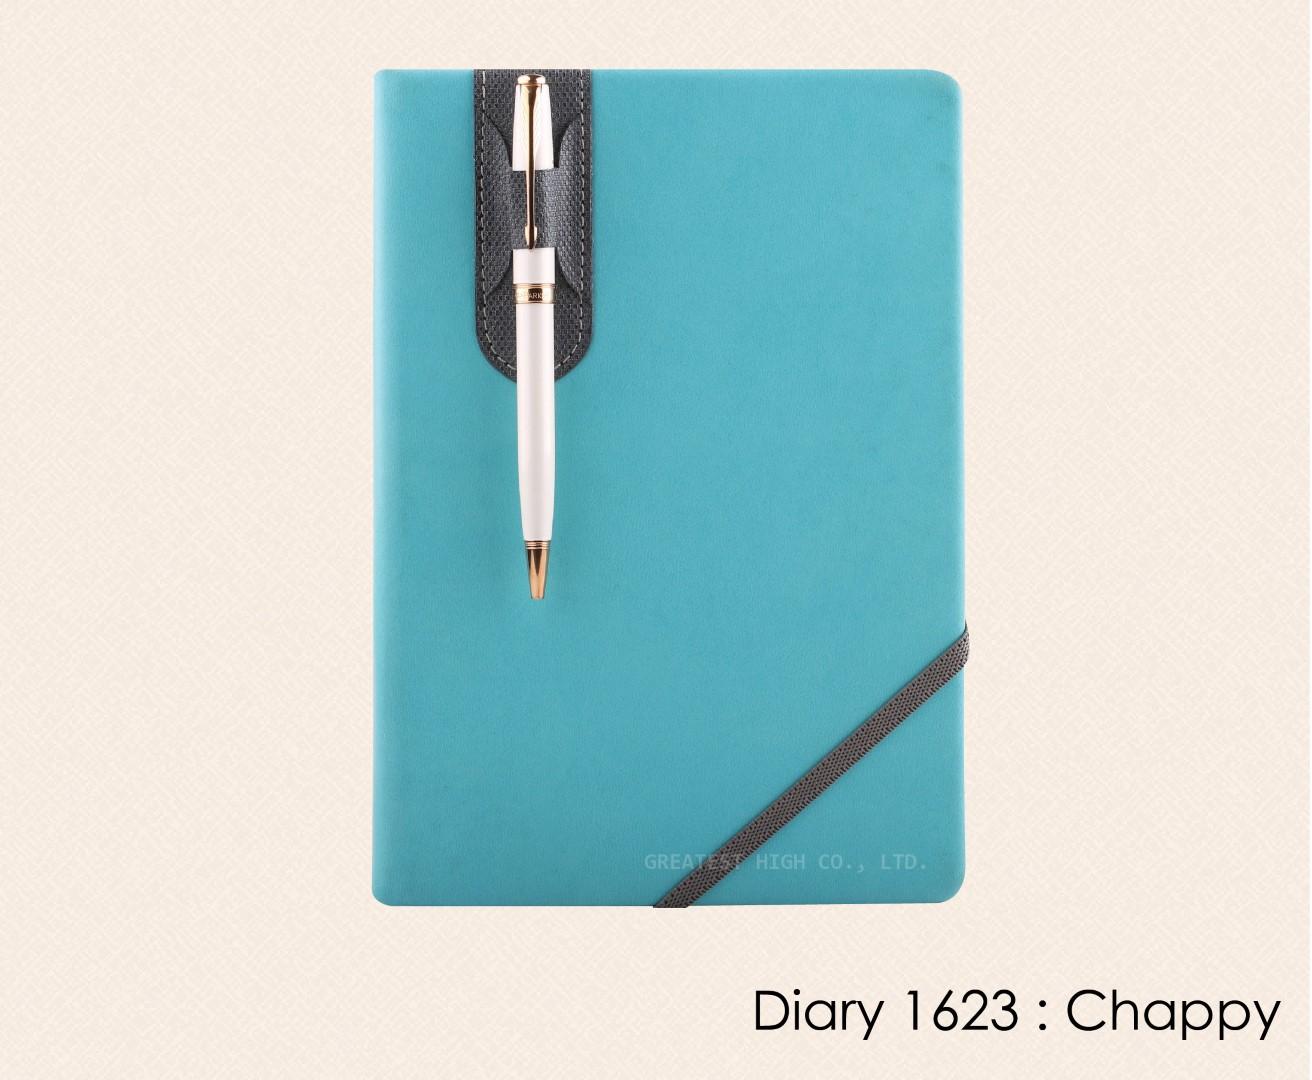 สมุดโน๊ต ไดอารี่ ปกหนัง Notebook Diary : DA 1623 Chappy